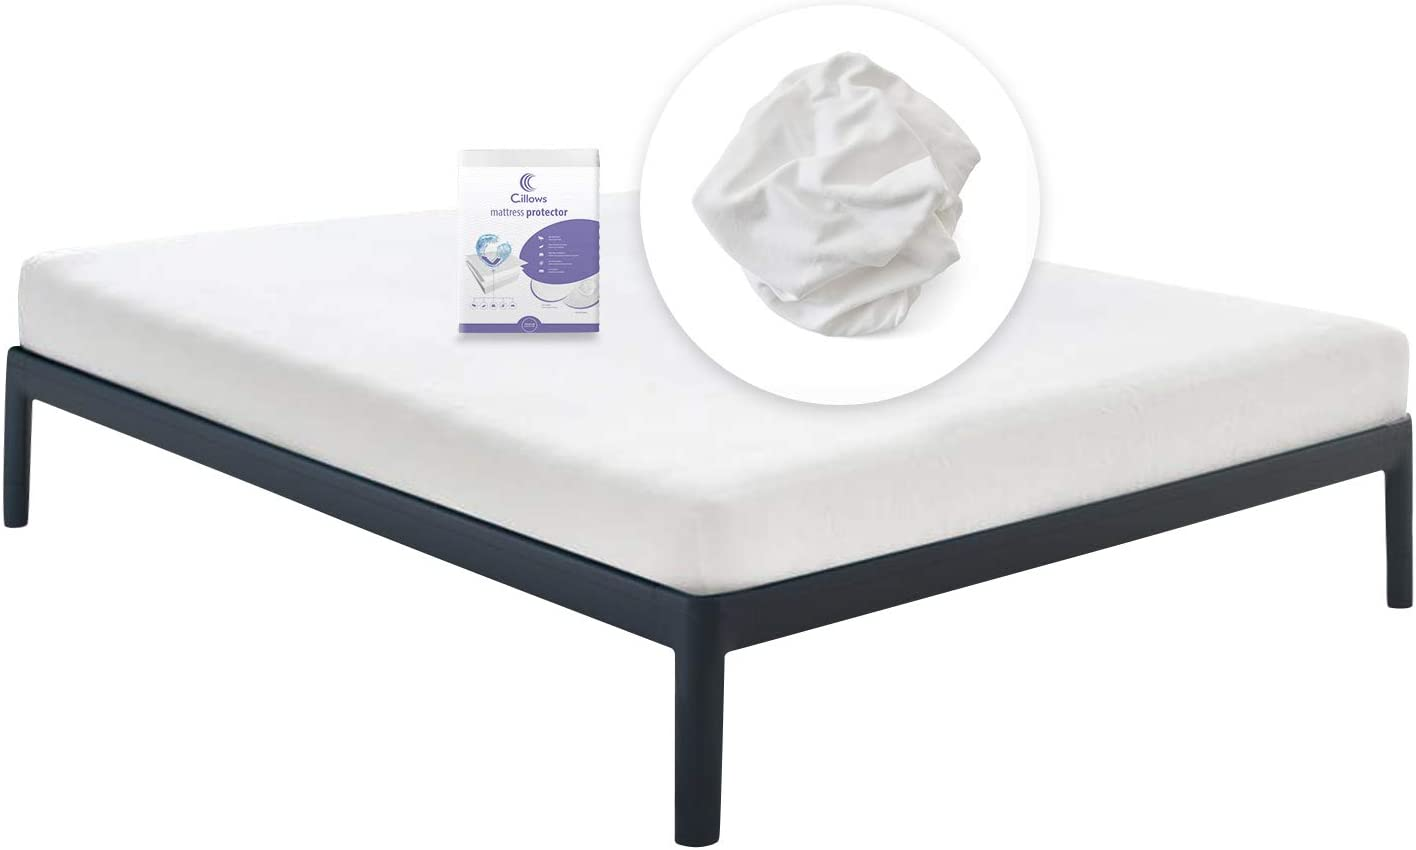 Surmatelas hygi/énique et respirant Protection contre les allergies Test/ée dermathologiquement Housse anti-acariens optimale 60 x 120 cm Prot/ège-matelas 100 /% imperm/éable Housse imperm/éable